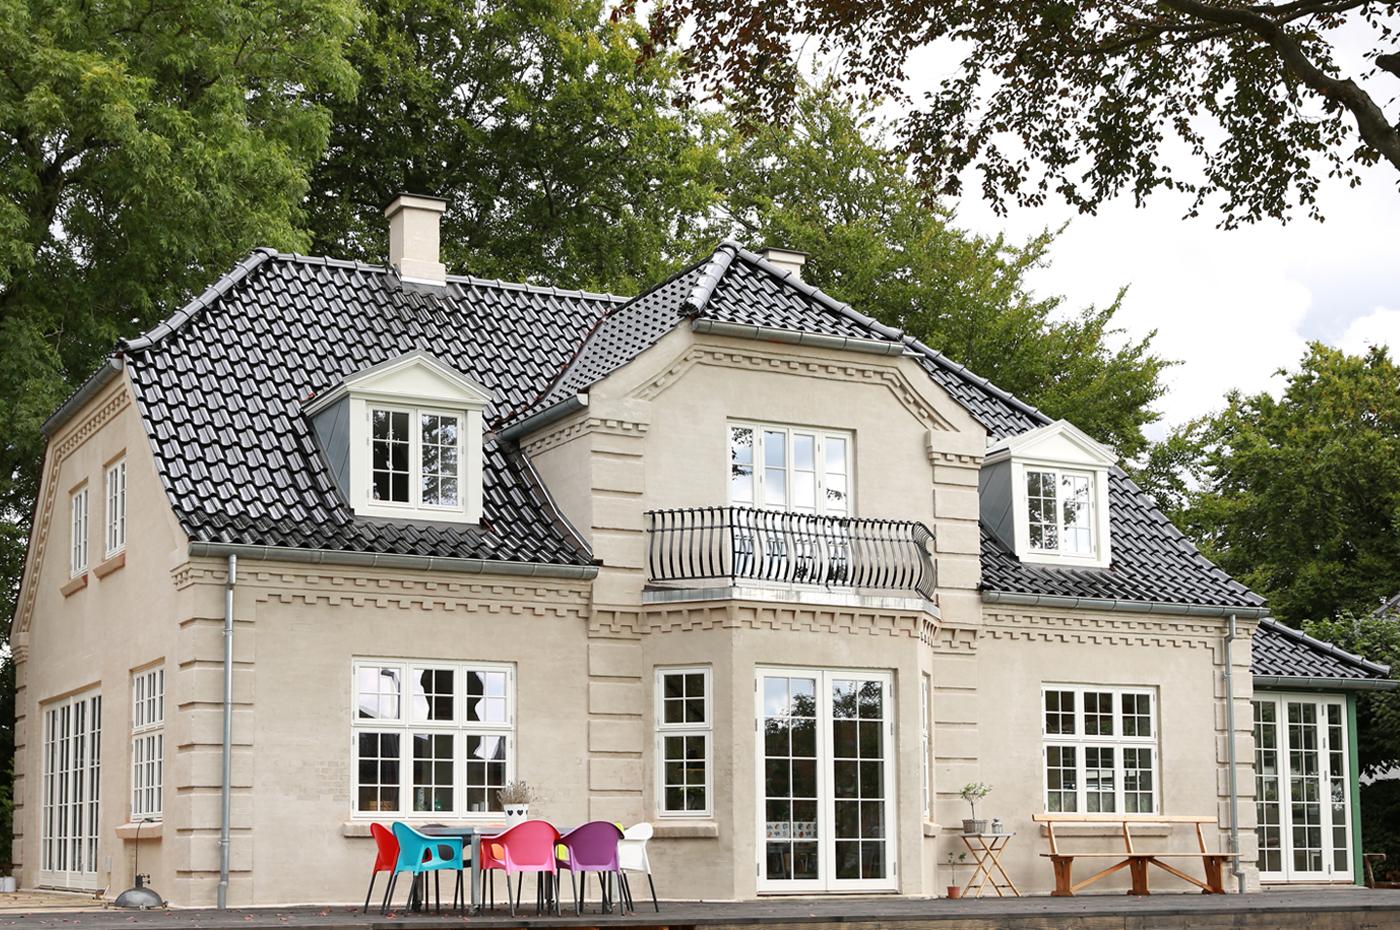 Vinduer med sprosser i klassisk og gammeldags dansk stil - Outrup